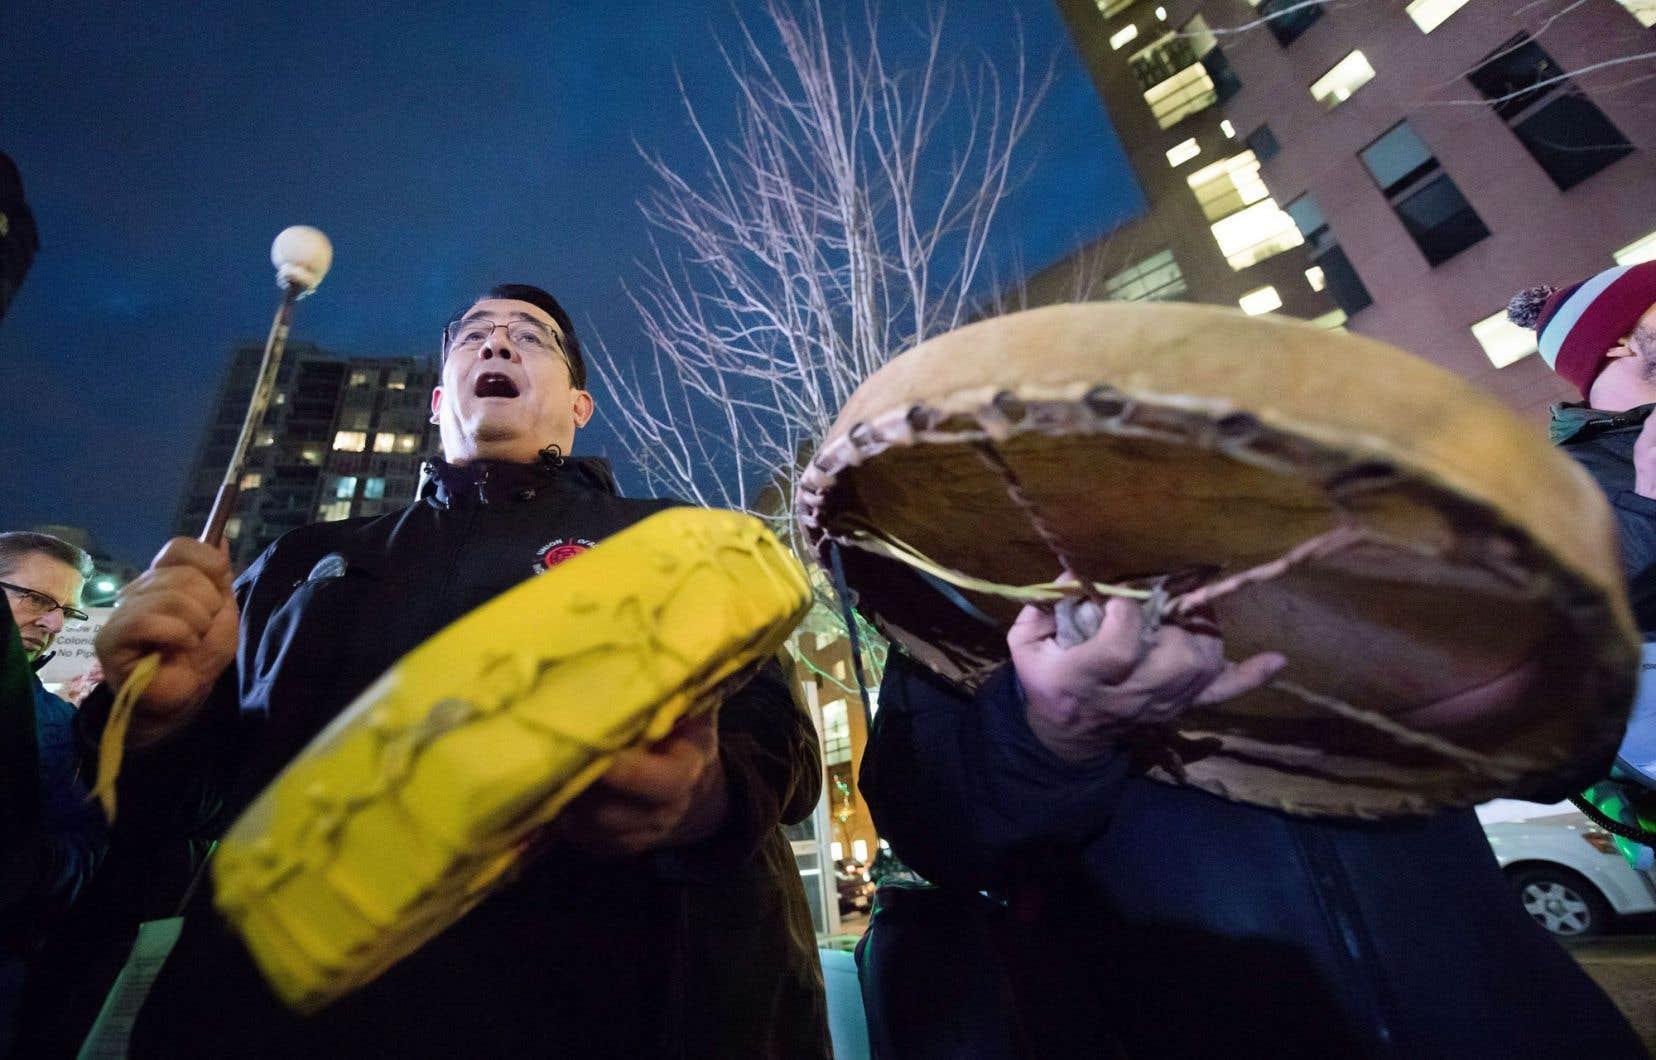 Le vice-président en chef de l'Union des chefs indiens de la Colombie-Britannique, Bob Chamberlin, issu de la Première Nation des Kwicksutaineuk Ah-kwa-mish, joue de la musique et chante durant la manifestation contre le projet d'expansion Trans Mountain de Kinder Morgan, à Vancouver, le 29 novembre.